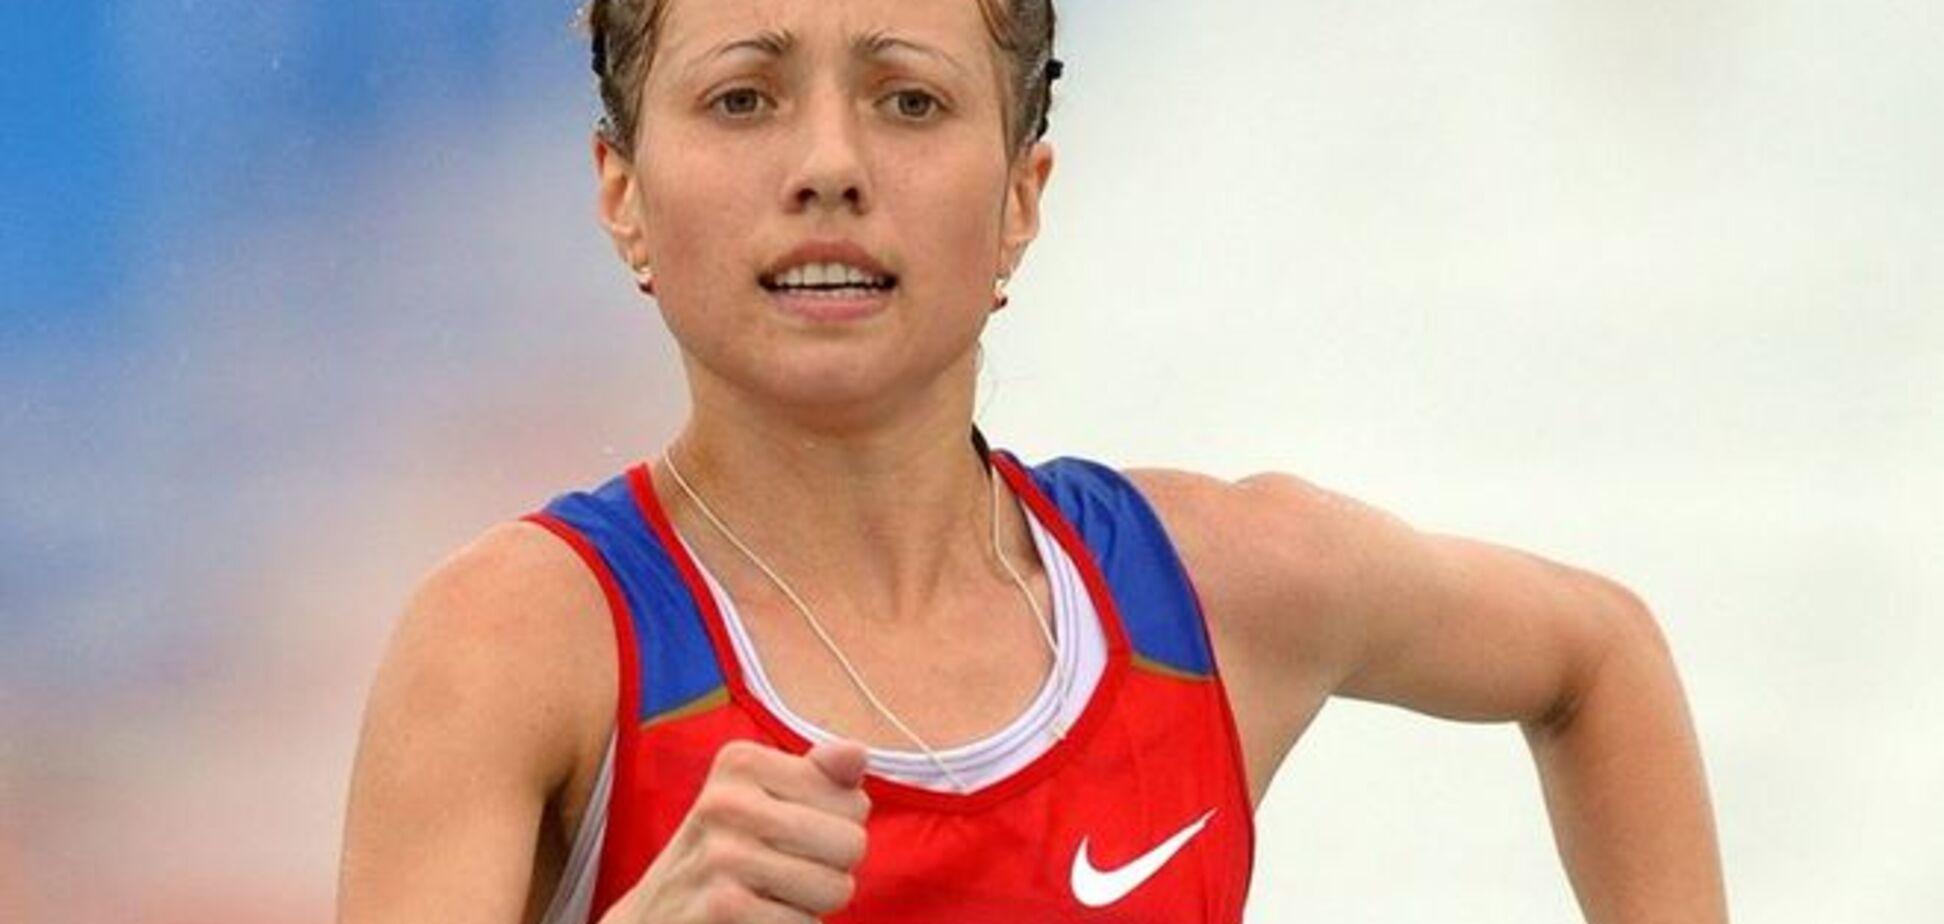 Російським спортсменам заборонили ганьбитися на змаганнях